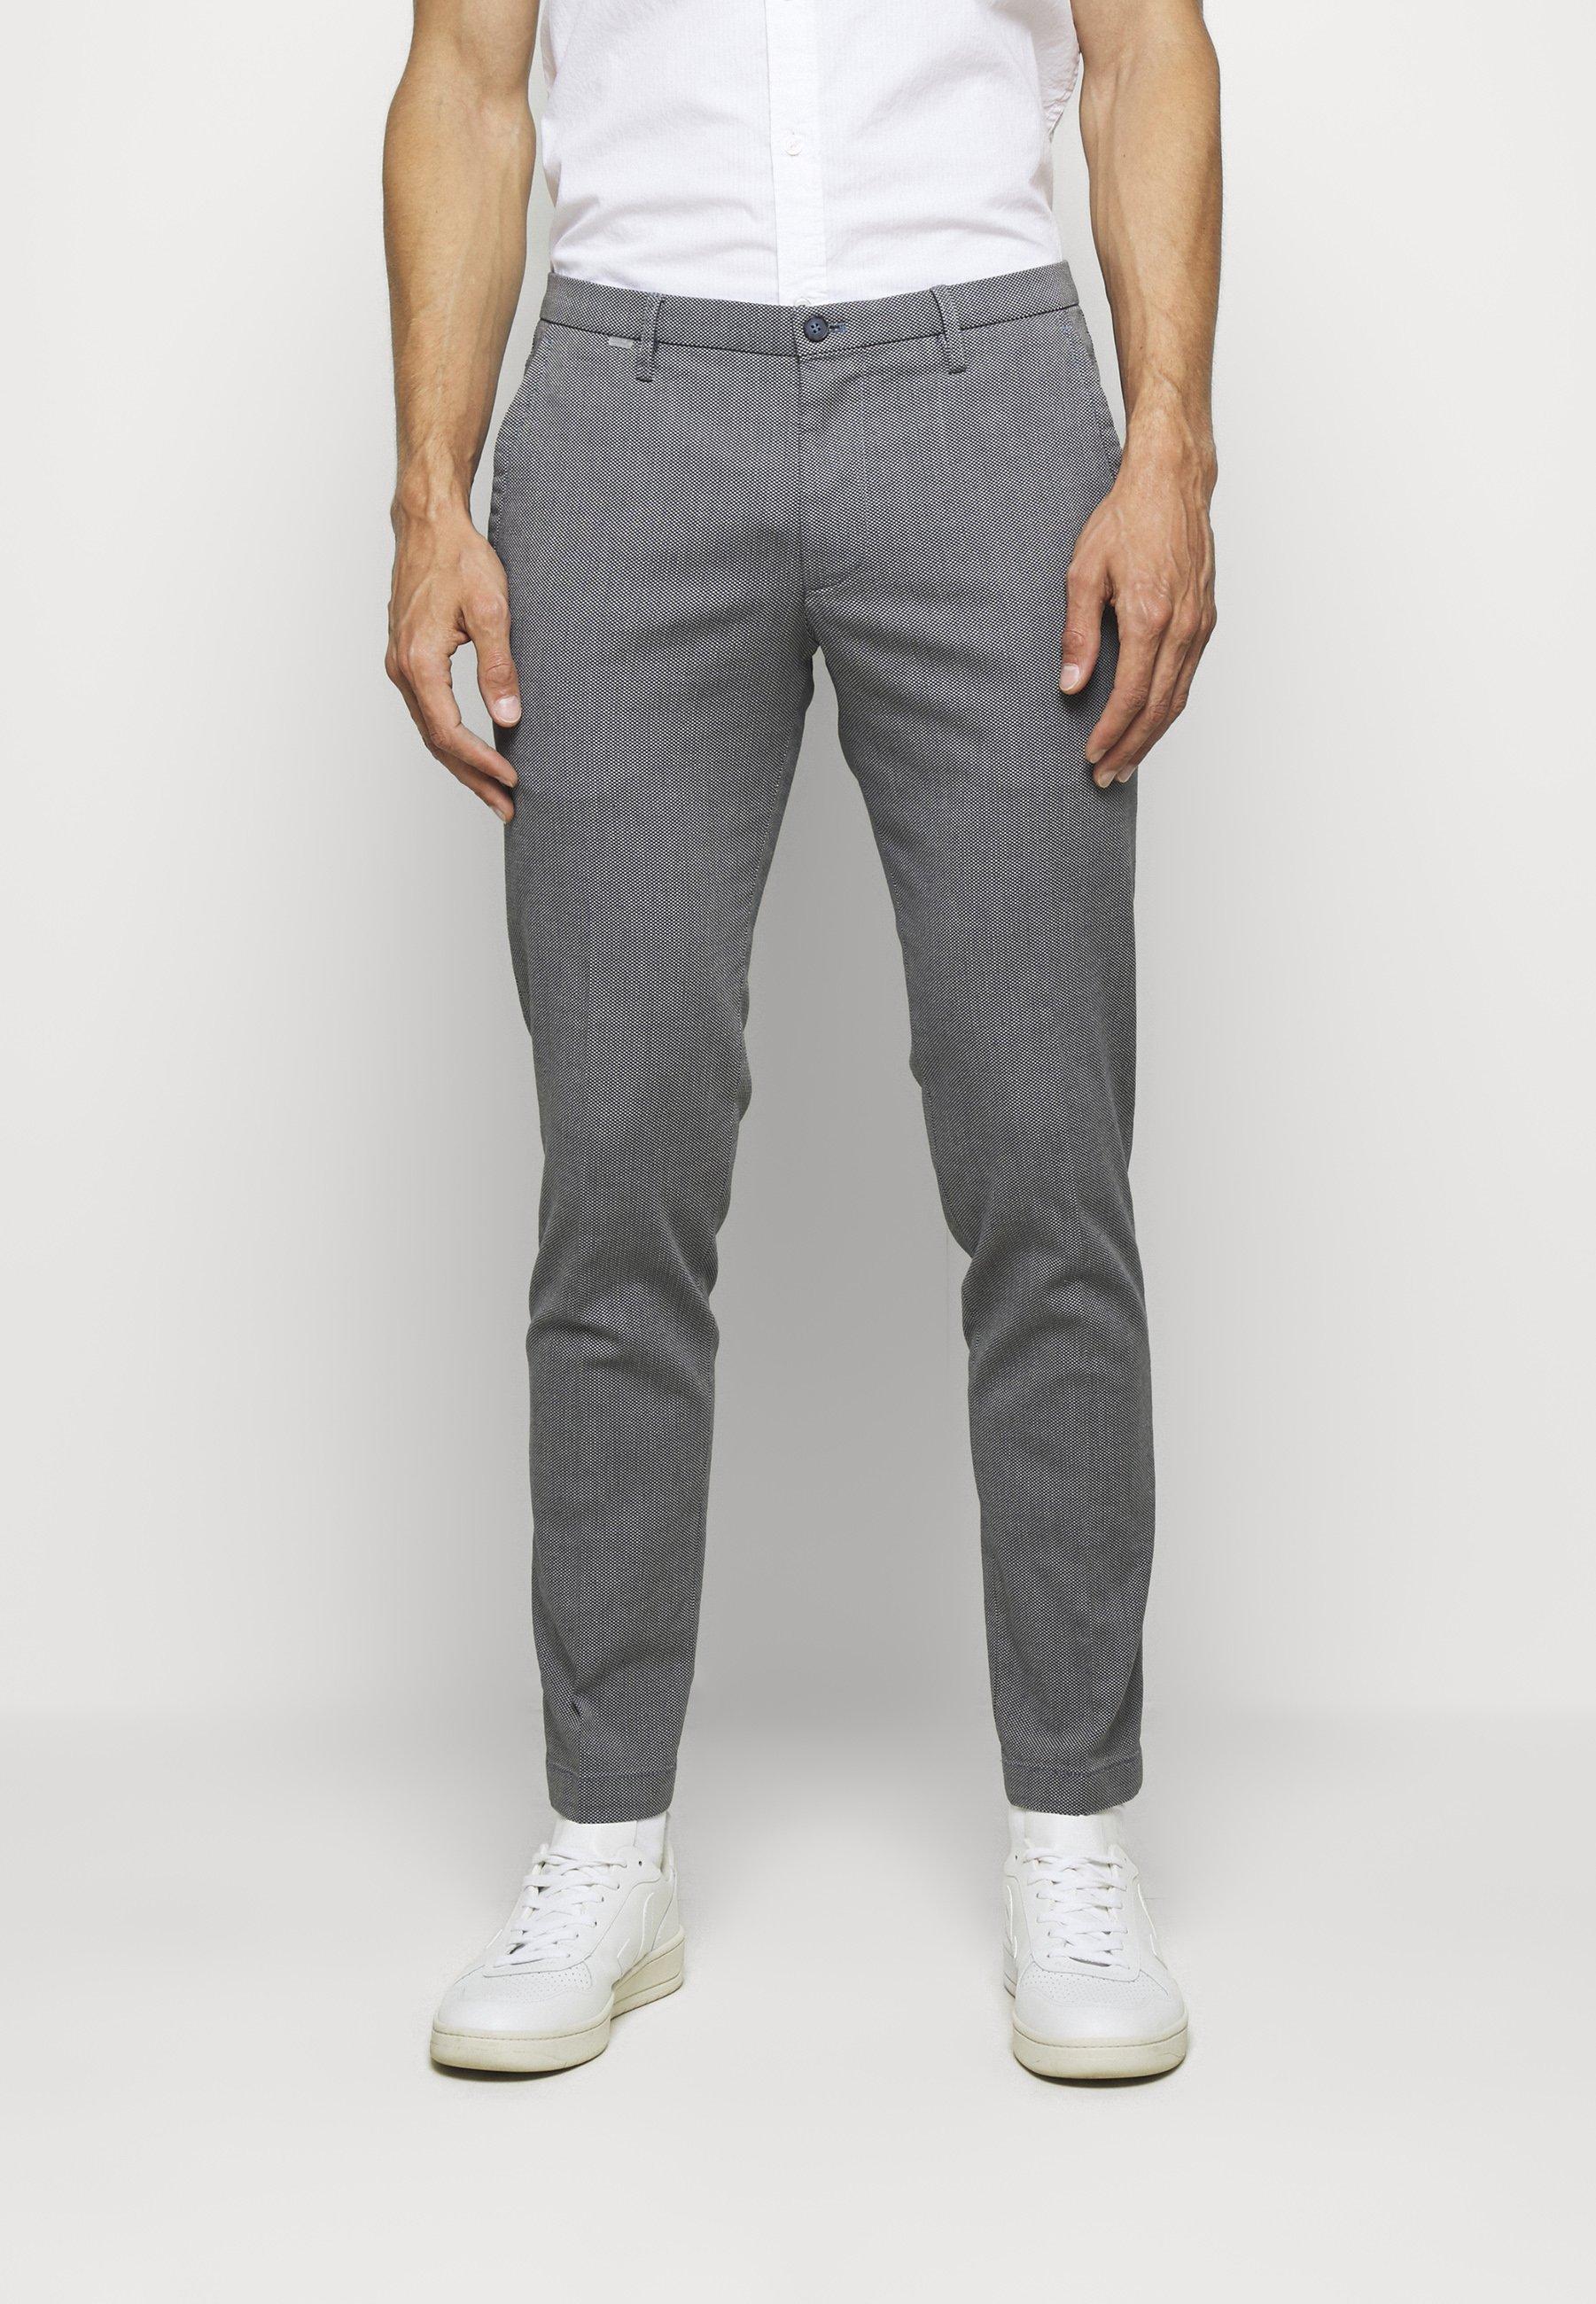 Homme CIBRODY TROUSER - Pantalon classique